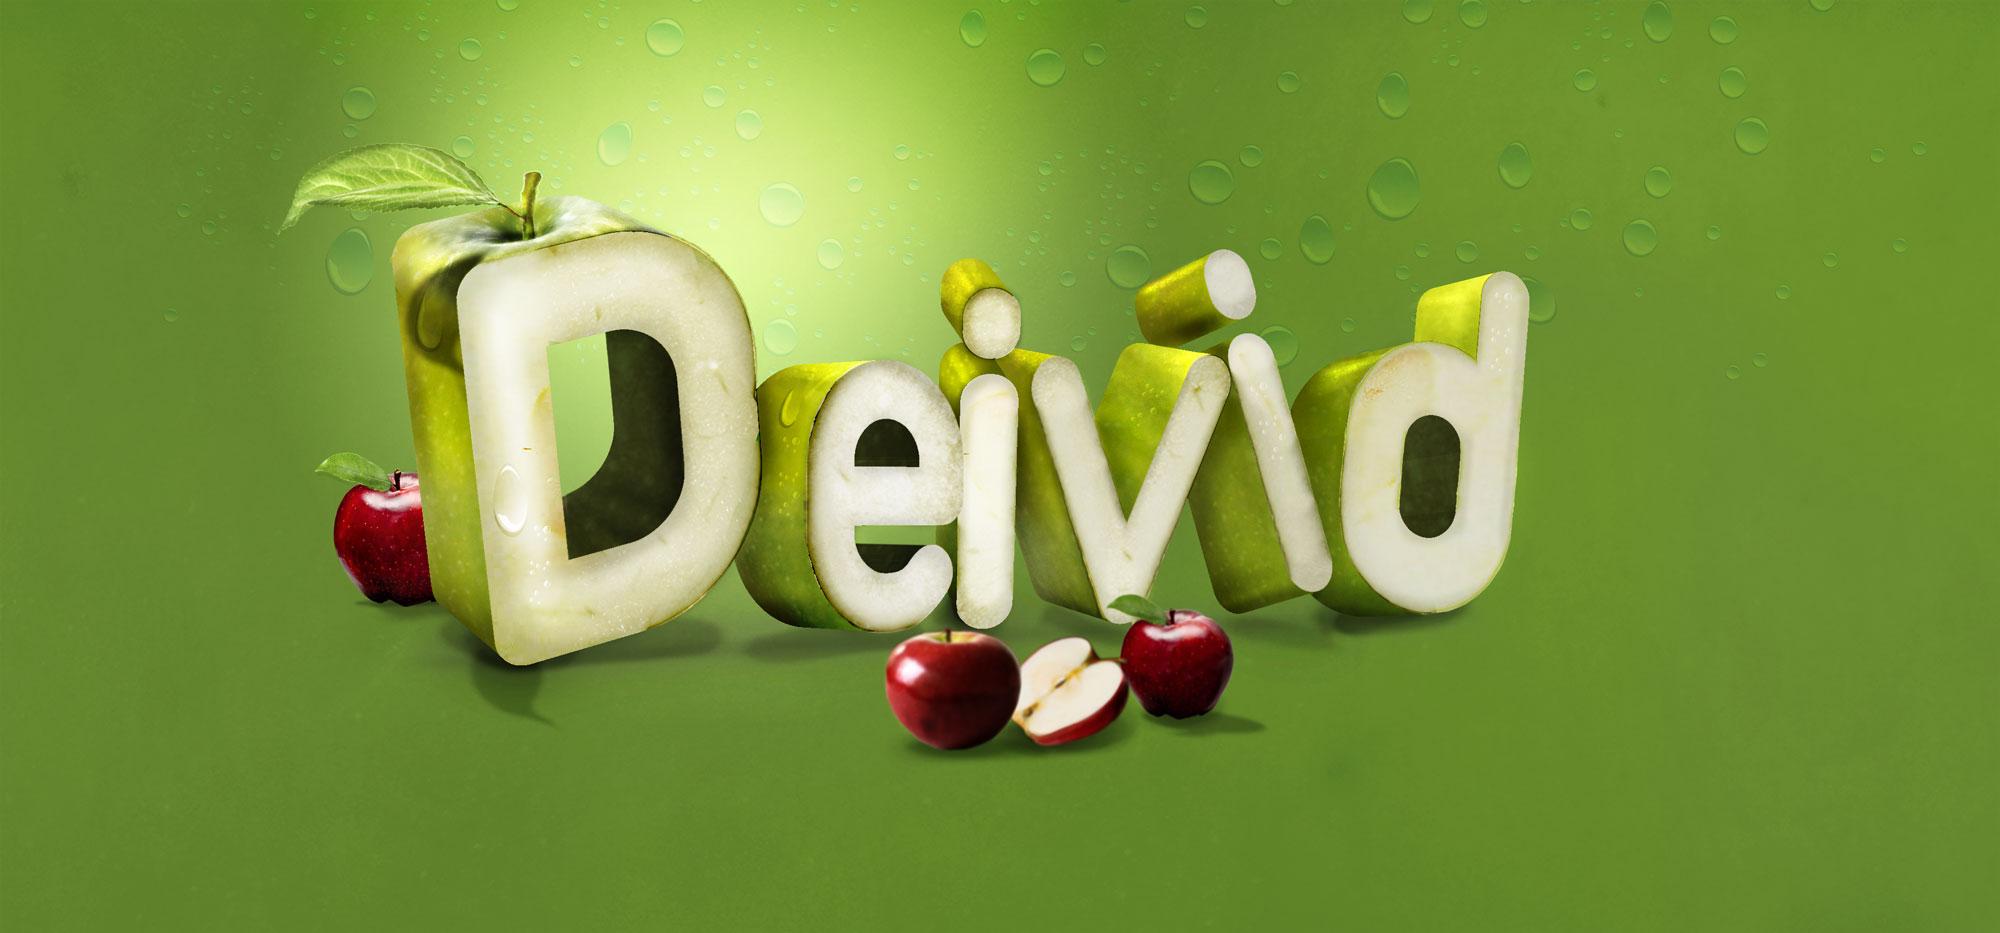 Tipografía con frutas